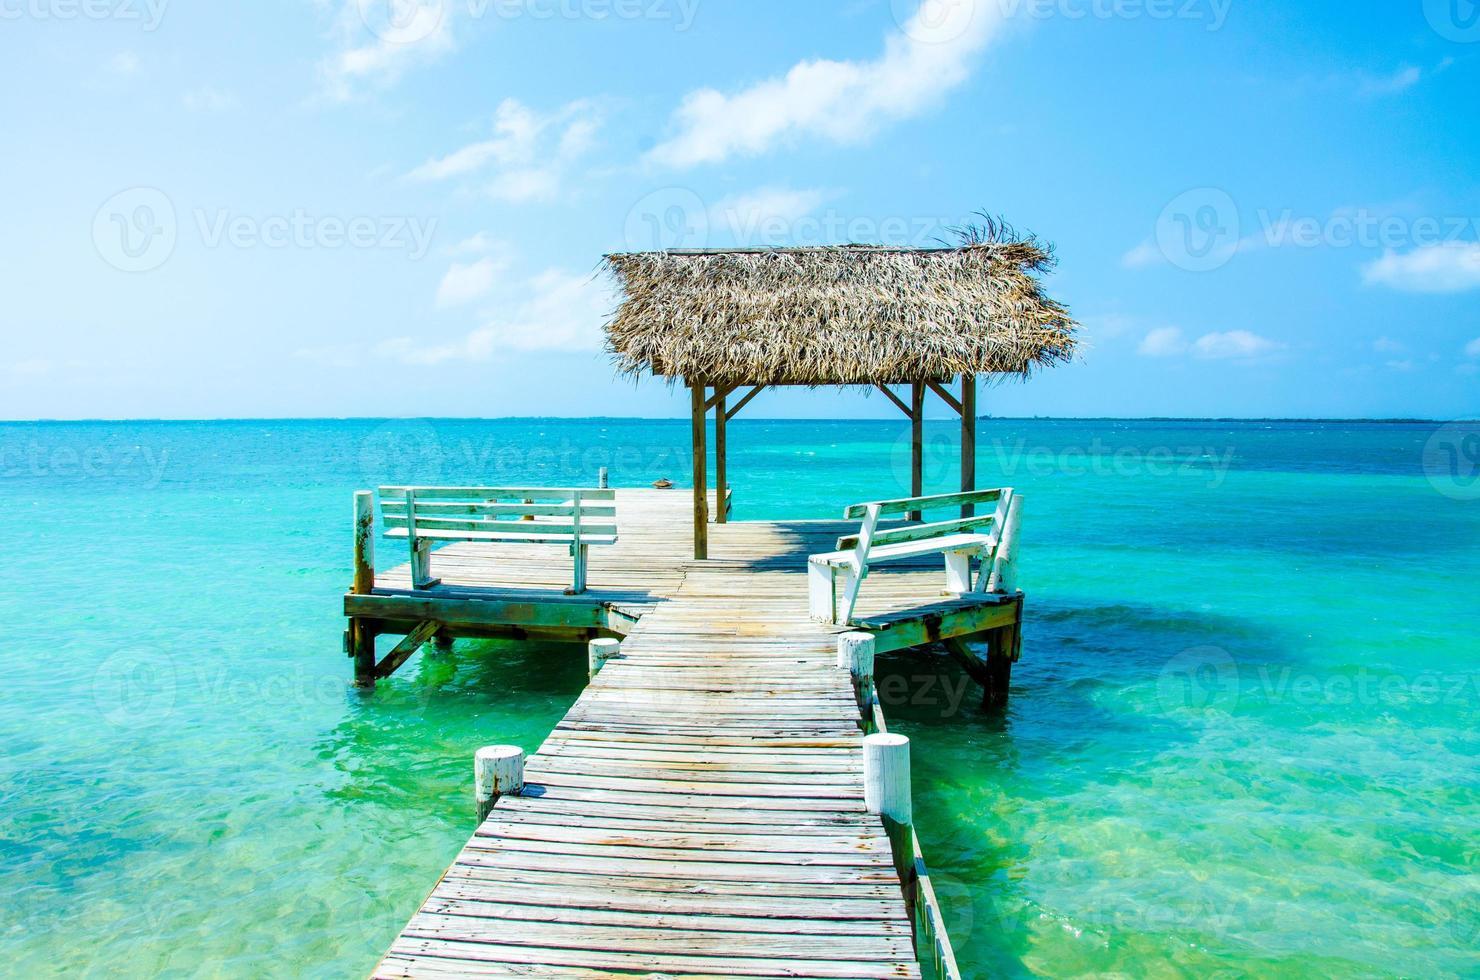 meditatie en ontspannen op de pier foto